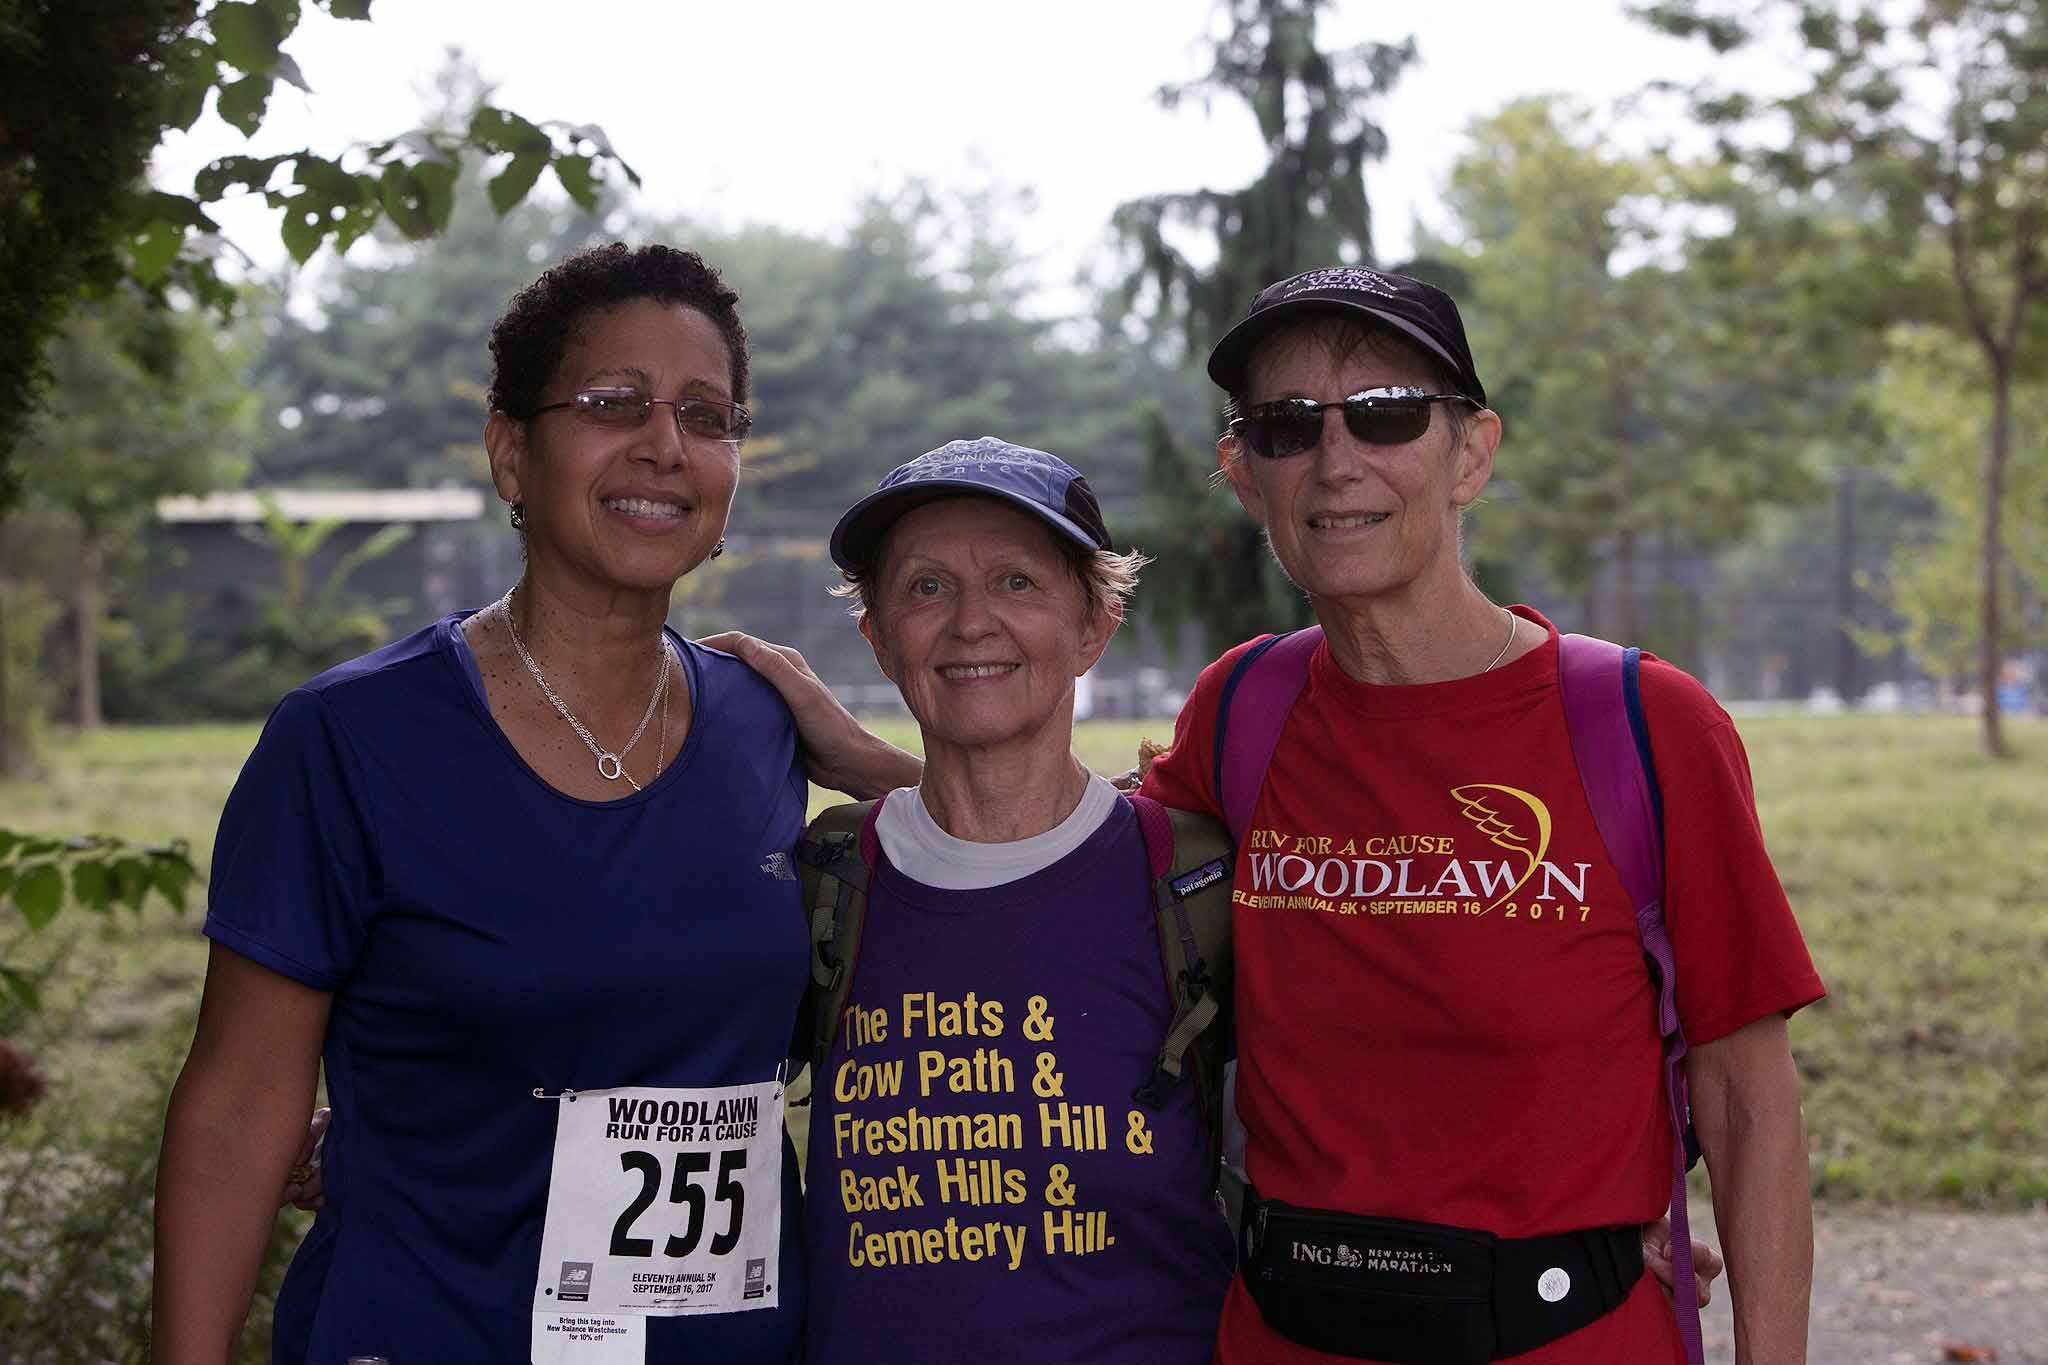 209-Woodlawn Run for a Cause-615.jpg